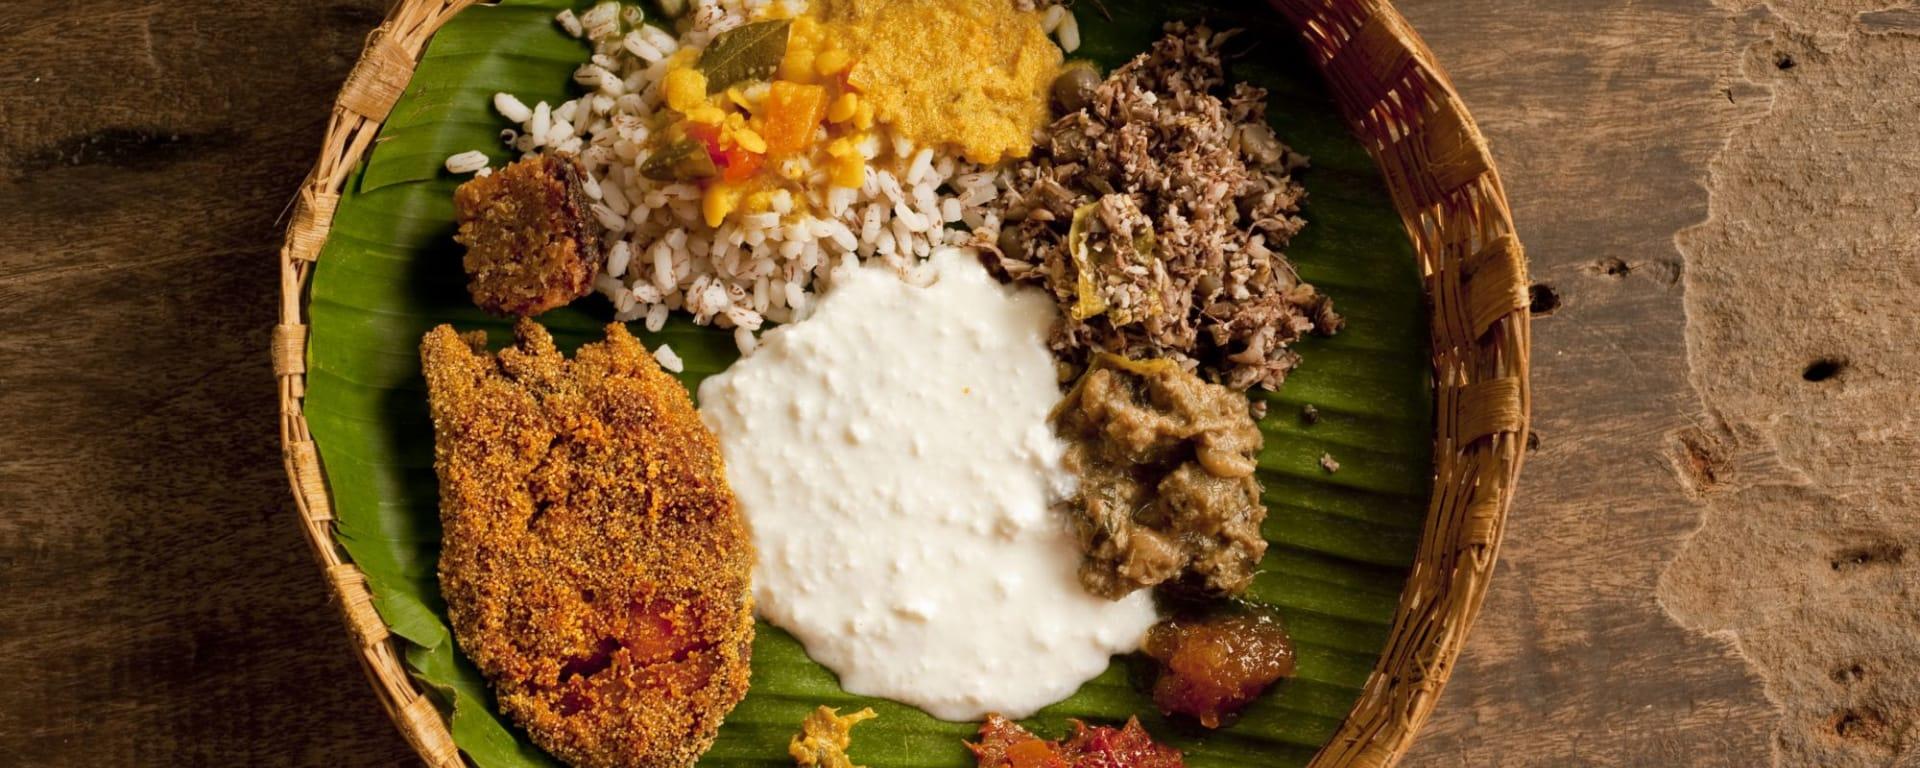 Gewürzgarten in Goa: Goan Meal 102156109